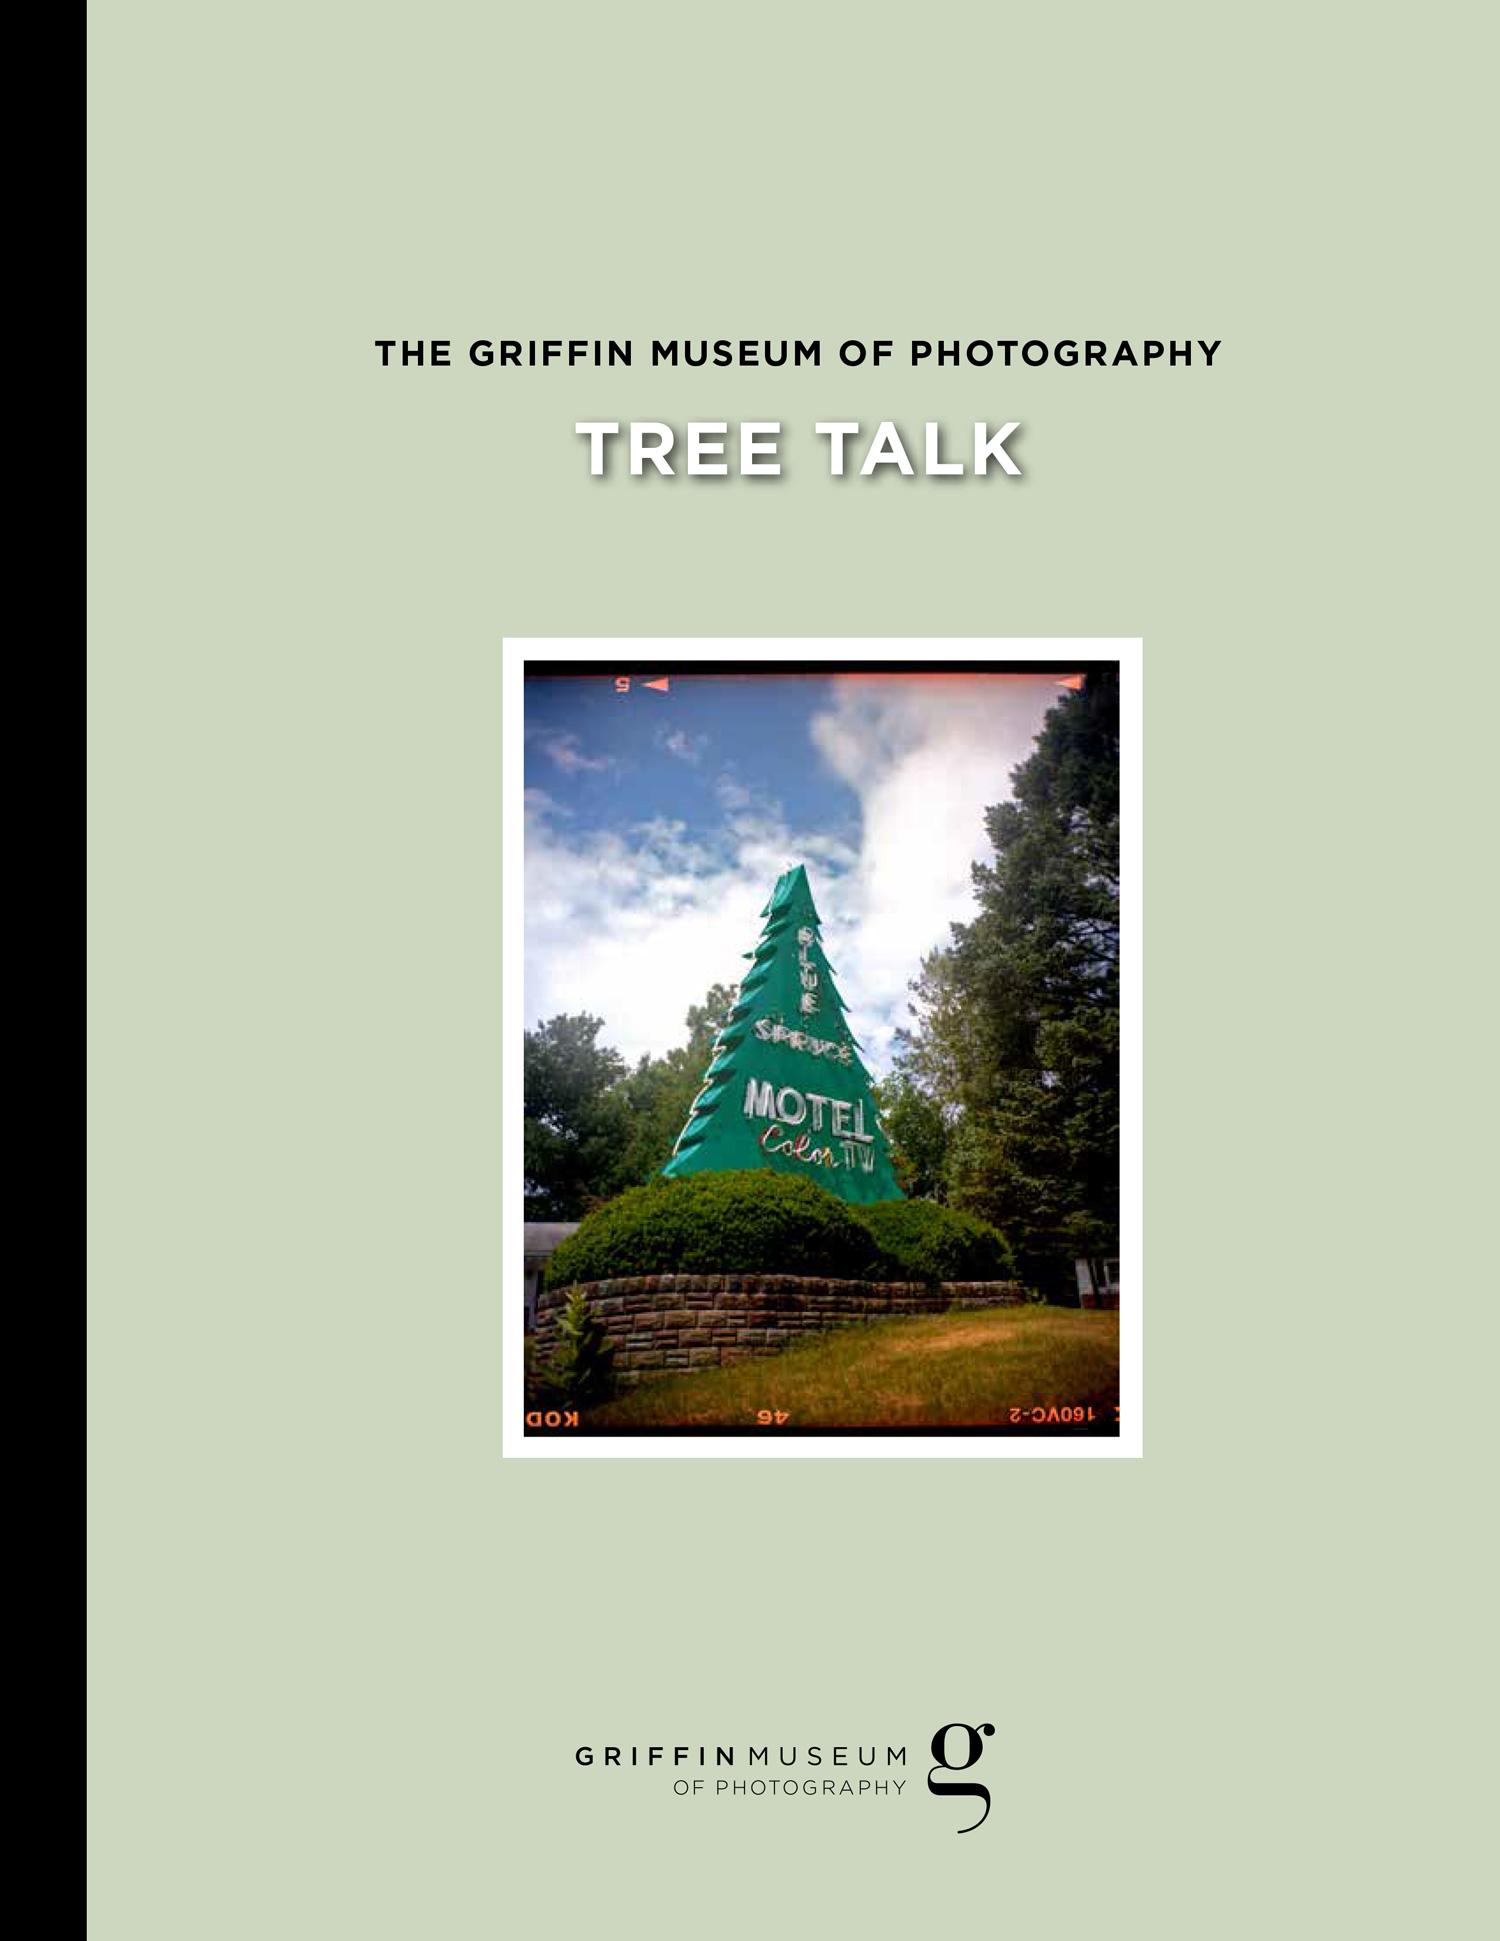 Tree Talk Catalog